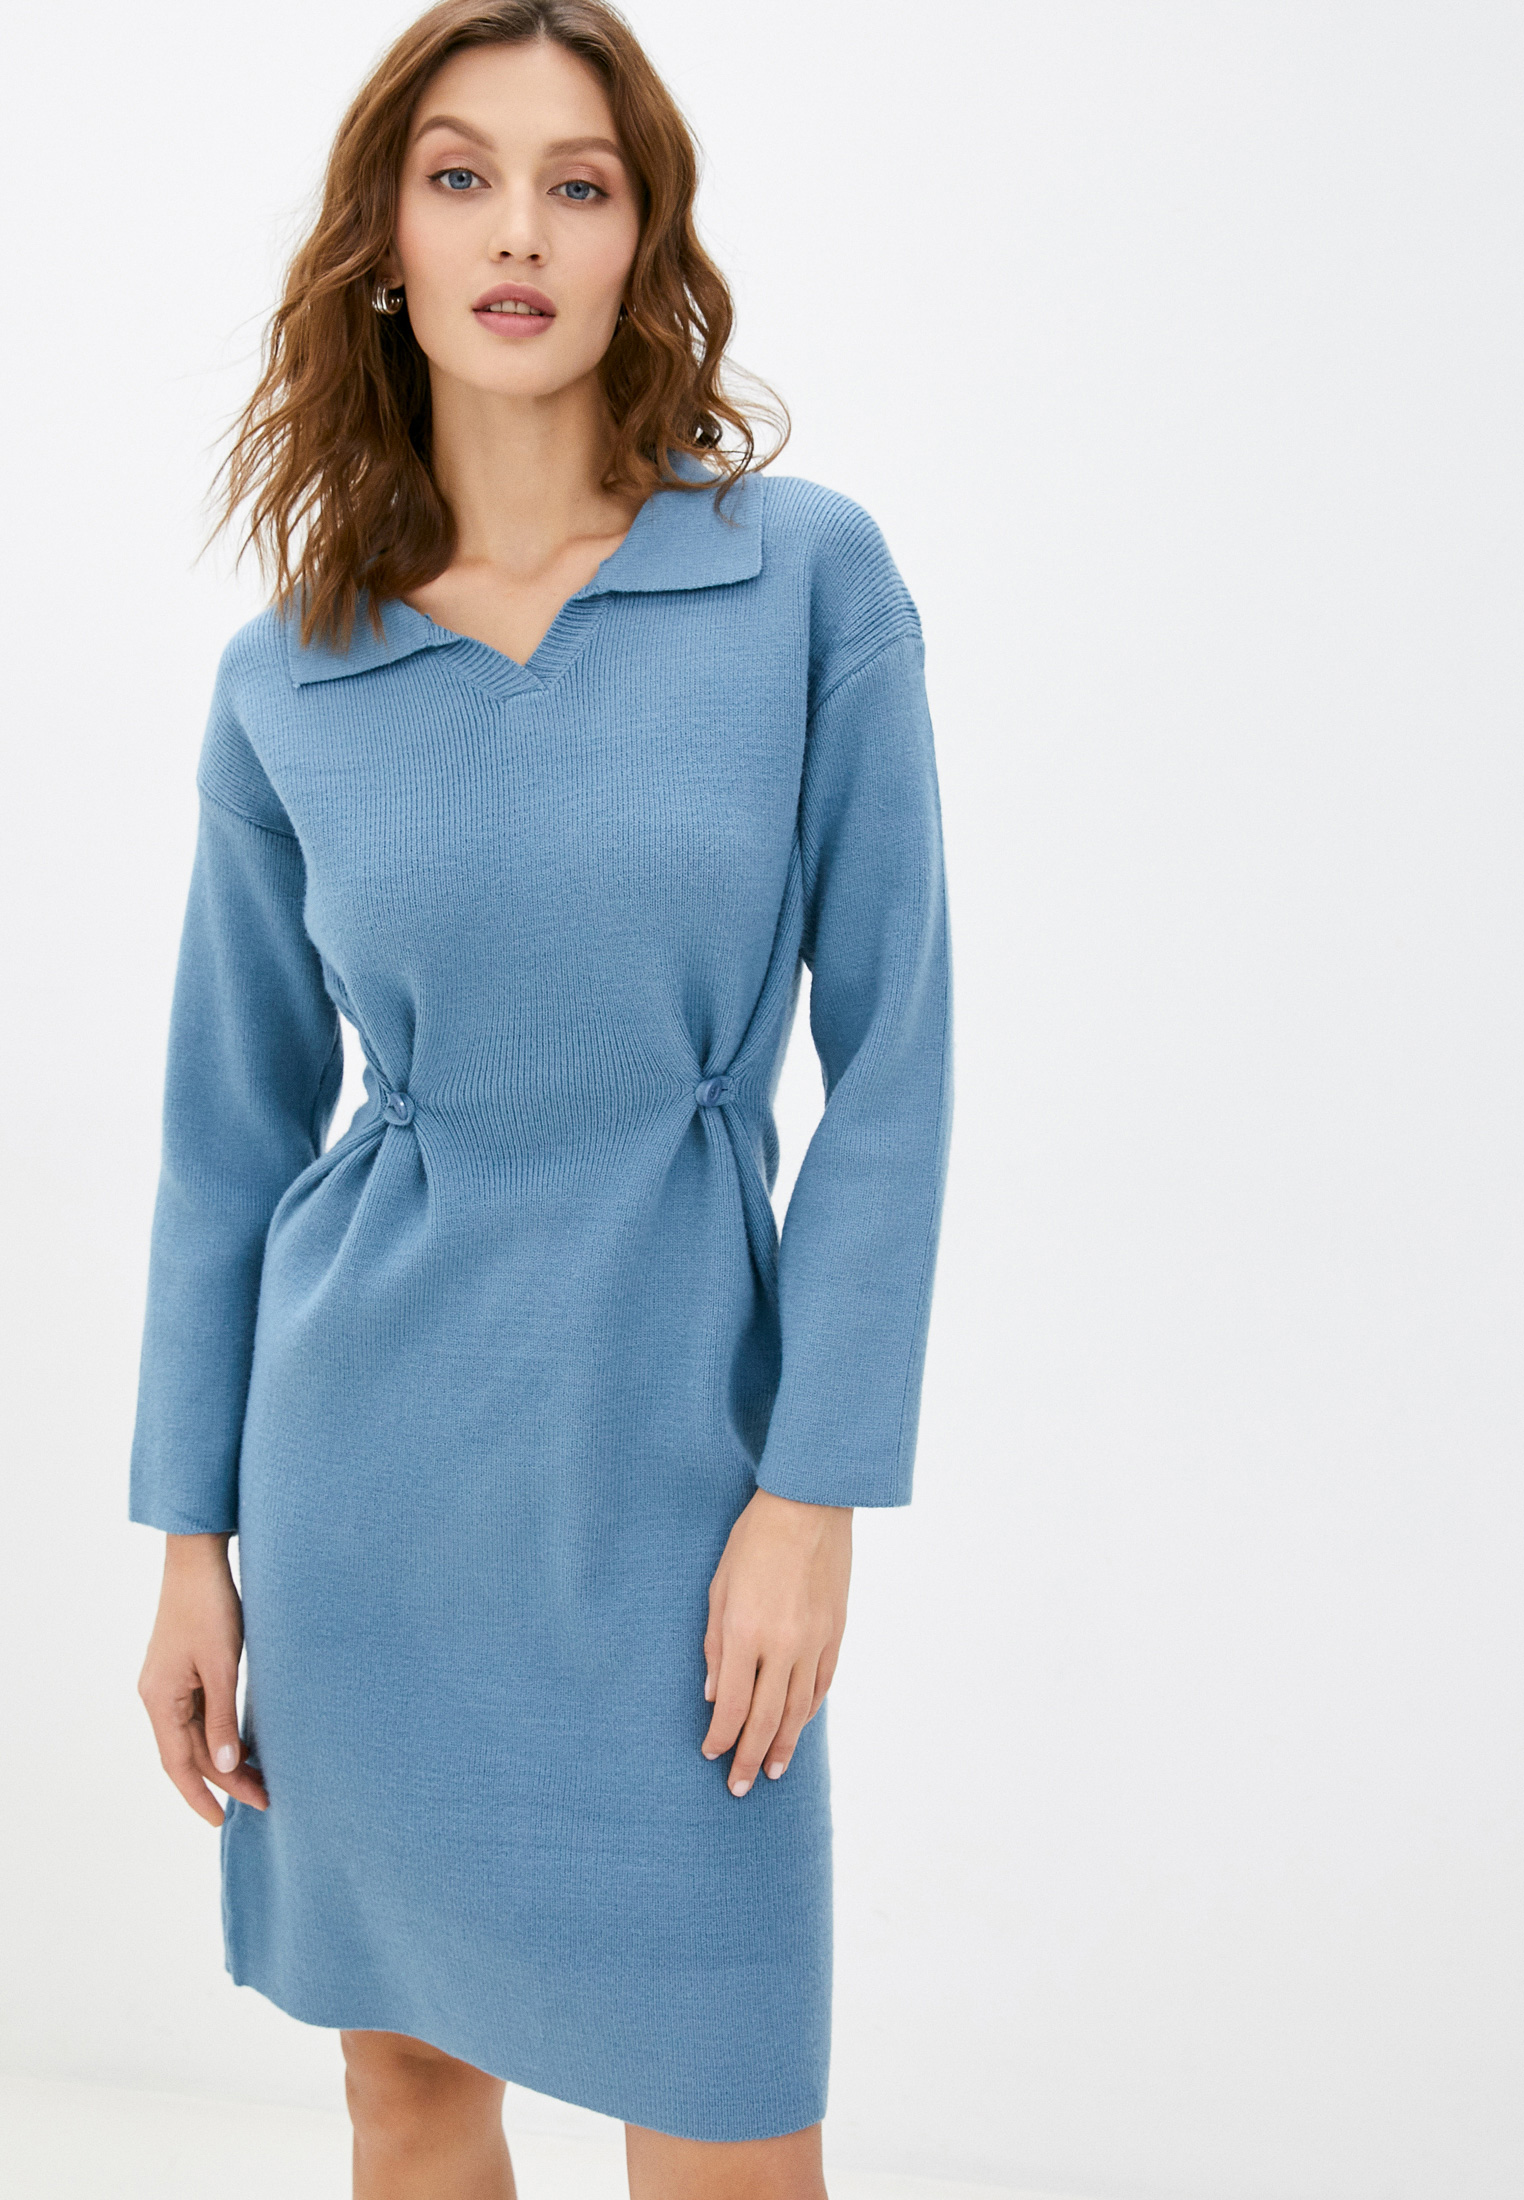 Вязаное платье Marselesa MAR22-51-7